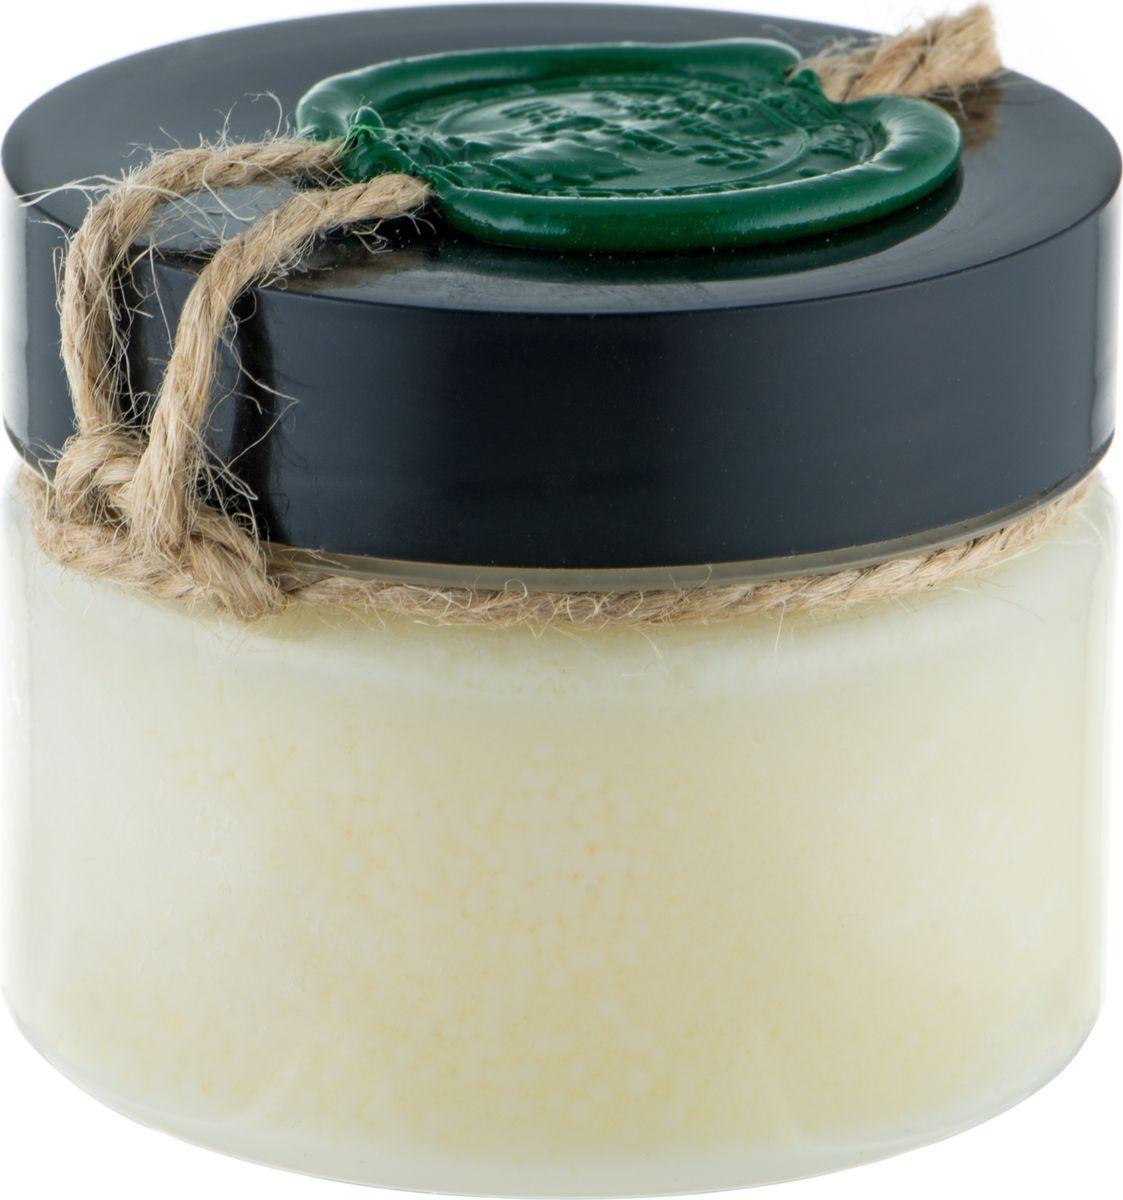 Huilargan Бабассу масло 100 грNL581-80220Масло бабассу – настоящая находка для всех, кто страдает отизлишней сухости кожи, волос и губ.Рекомендуем масло бабассу для ухода за изможденной,шелушащейся кожей, страдающей недостаточным увлажнением.Кроме того, оно помогает заметно омолодить кожу, тронутуюпервыми признаками старения, которая уже начала терять своюэластичность и упругость. Масло бабассу превосходноразглаживает кожу, практически уничтожая морщины. Онопридает коже сияющий, здоровый вид и естественный блескМасло бабассу является прекрасным эмолентом и хорошораспределяется по коже, быстро впитывается и не оставляетжирного блеска и ощущения жирности. При нанесении на кожупридает последней мягкость и шелковистость, успокаивает изащищает, предотвращает обезвоживание кожи, делает еёэластичной. Смягчает, защищает волосы, улучшает структуруповрежденных волос.Благодаря токотриенолам обладает антиоксидантным иантивозрастным действием.Масло бабассу содержит высокую долю лауриновой кислоты,которая обладает антимикробным действием.Подходит для всех типов кожи, в том числе чувствительной.Защитное и смягчающее действие благотворно сказывается наповрежденной, обезвоженной, грубой, шелушащейся коже